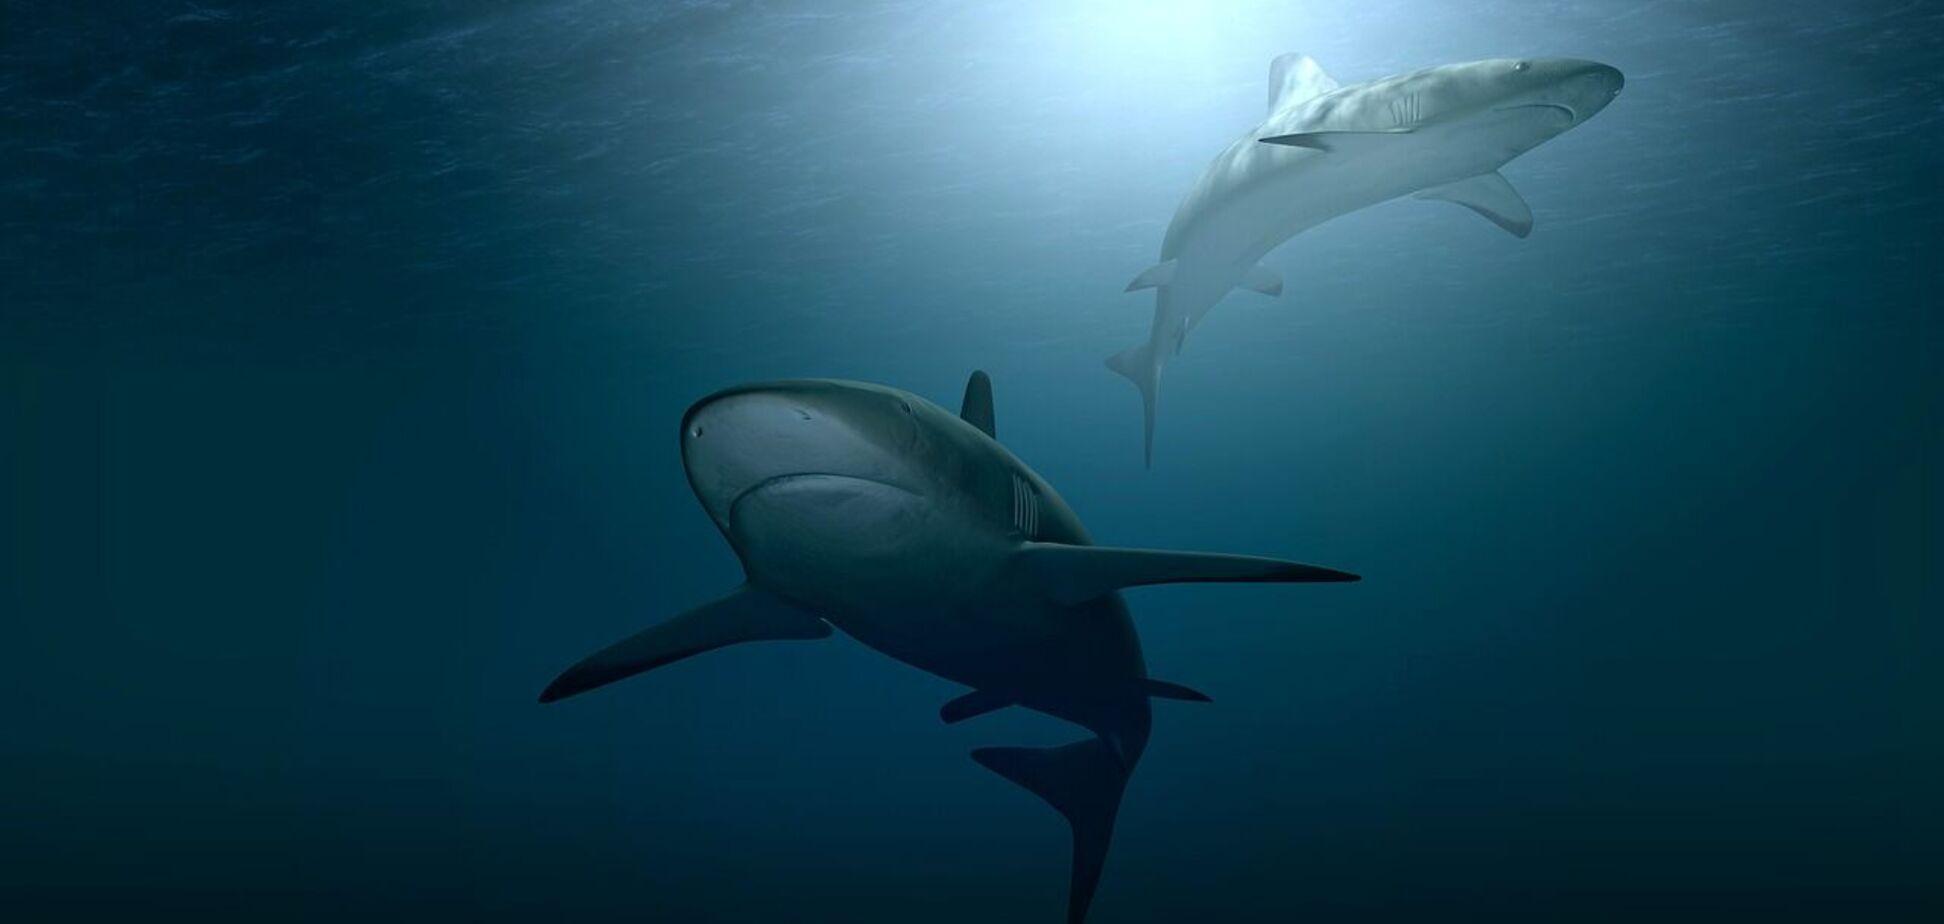 У Новій Зеландії виявили акул, що світяться, майже двометрової довжини. Фото